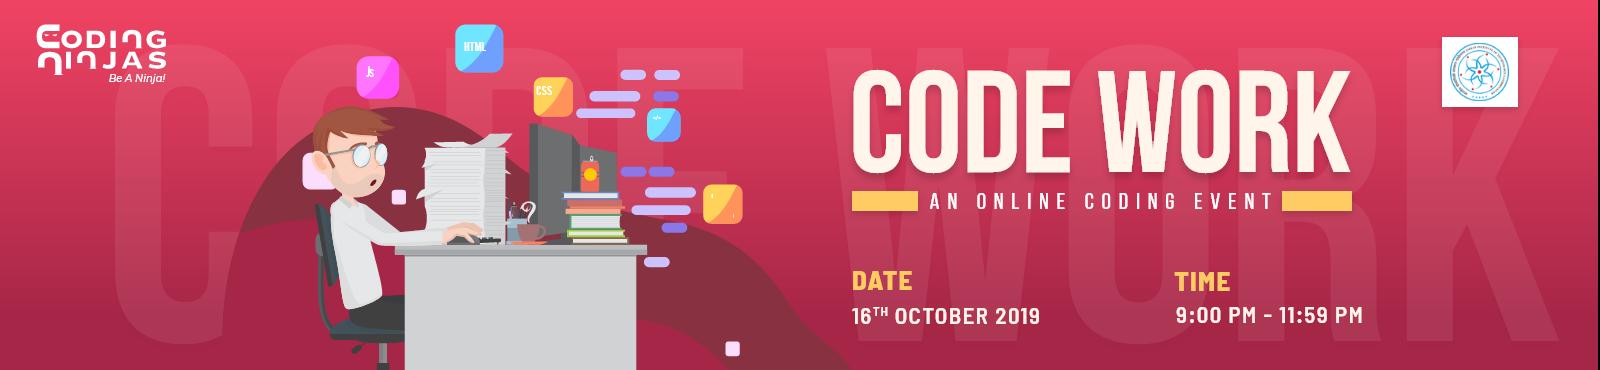 Code Work- An online event